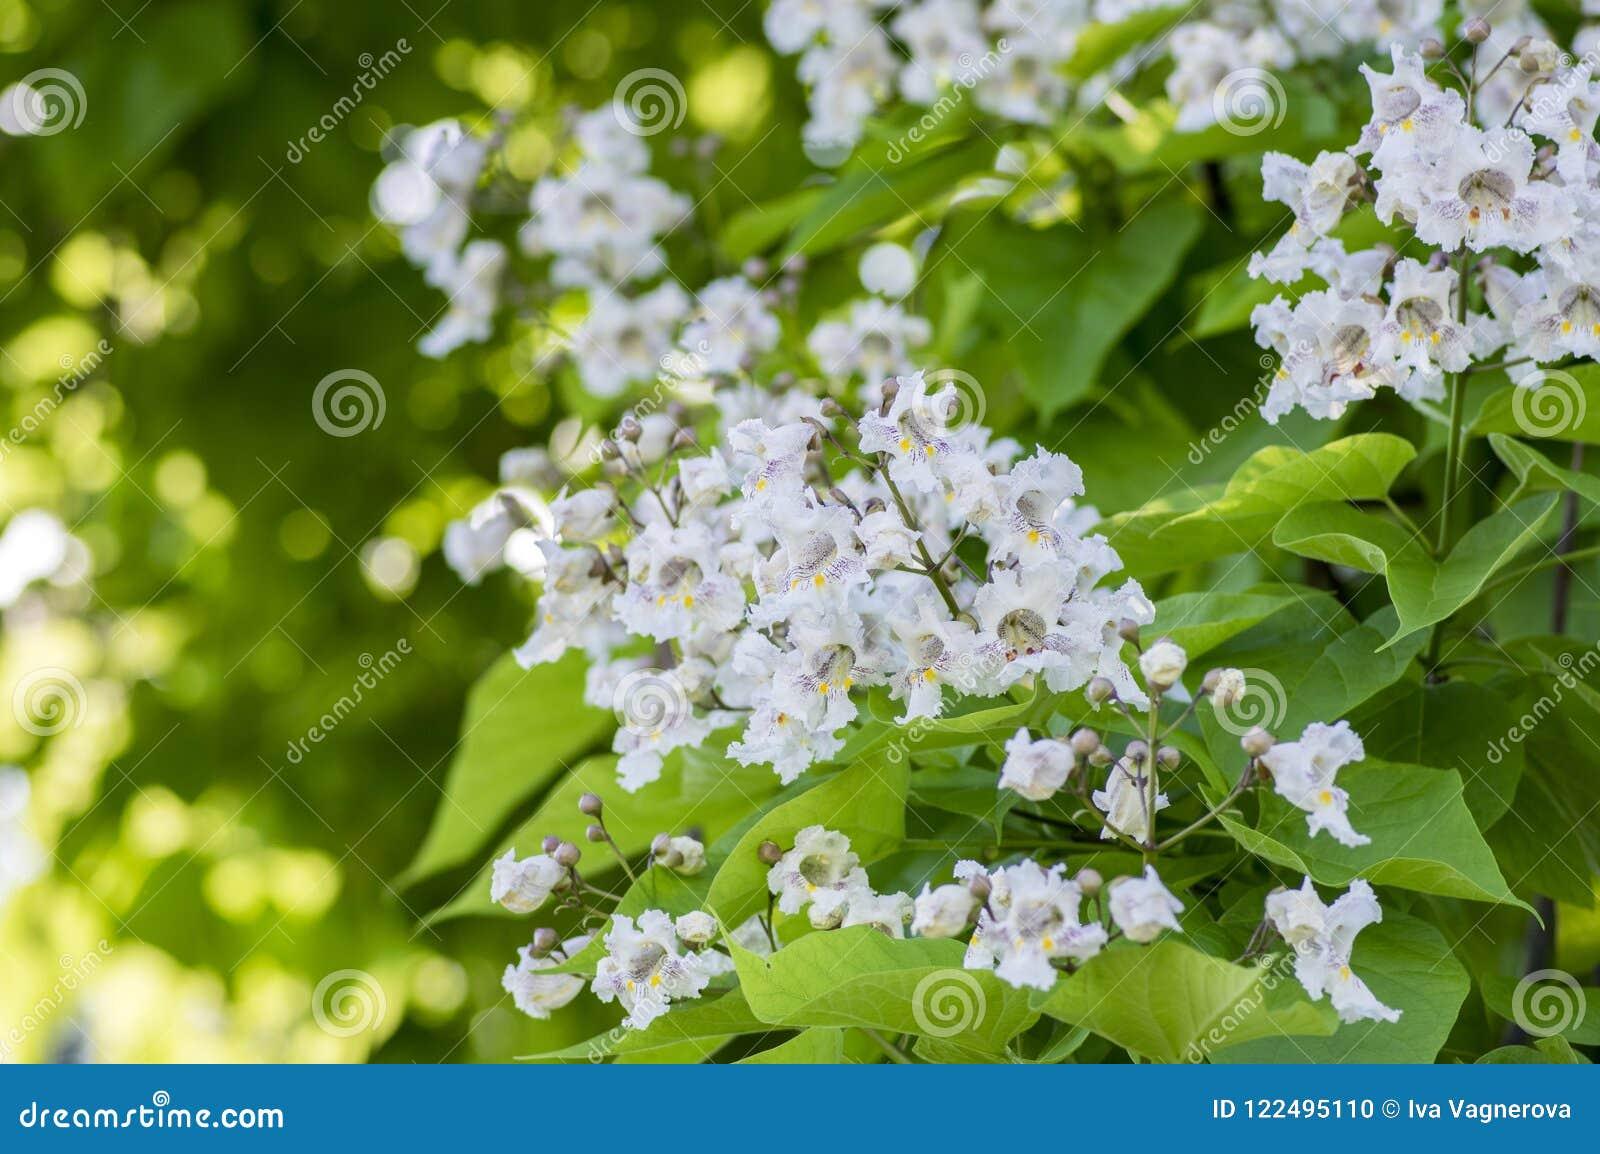 Catalpa Bignonioides Medium Sized Deciduous Ornamental Flowering